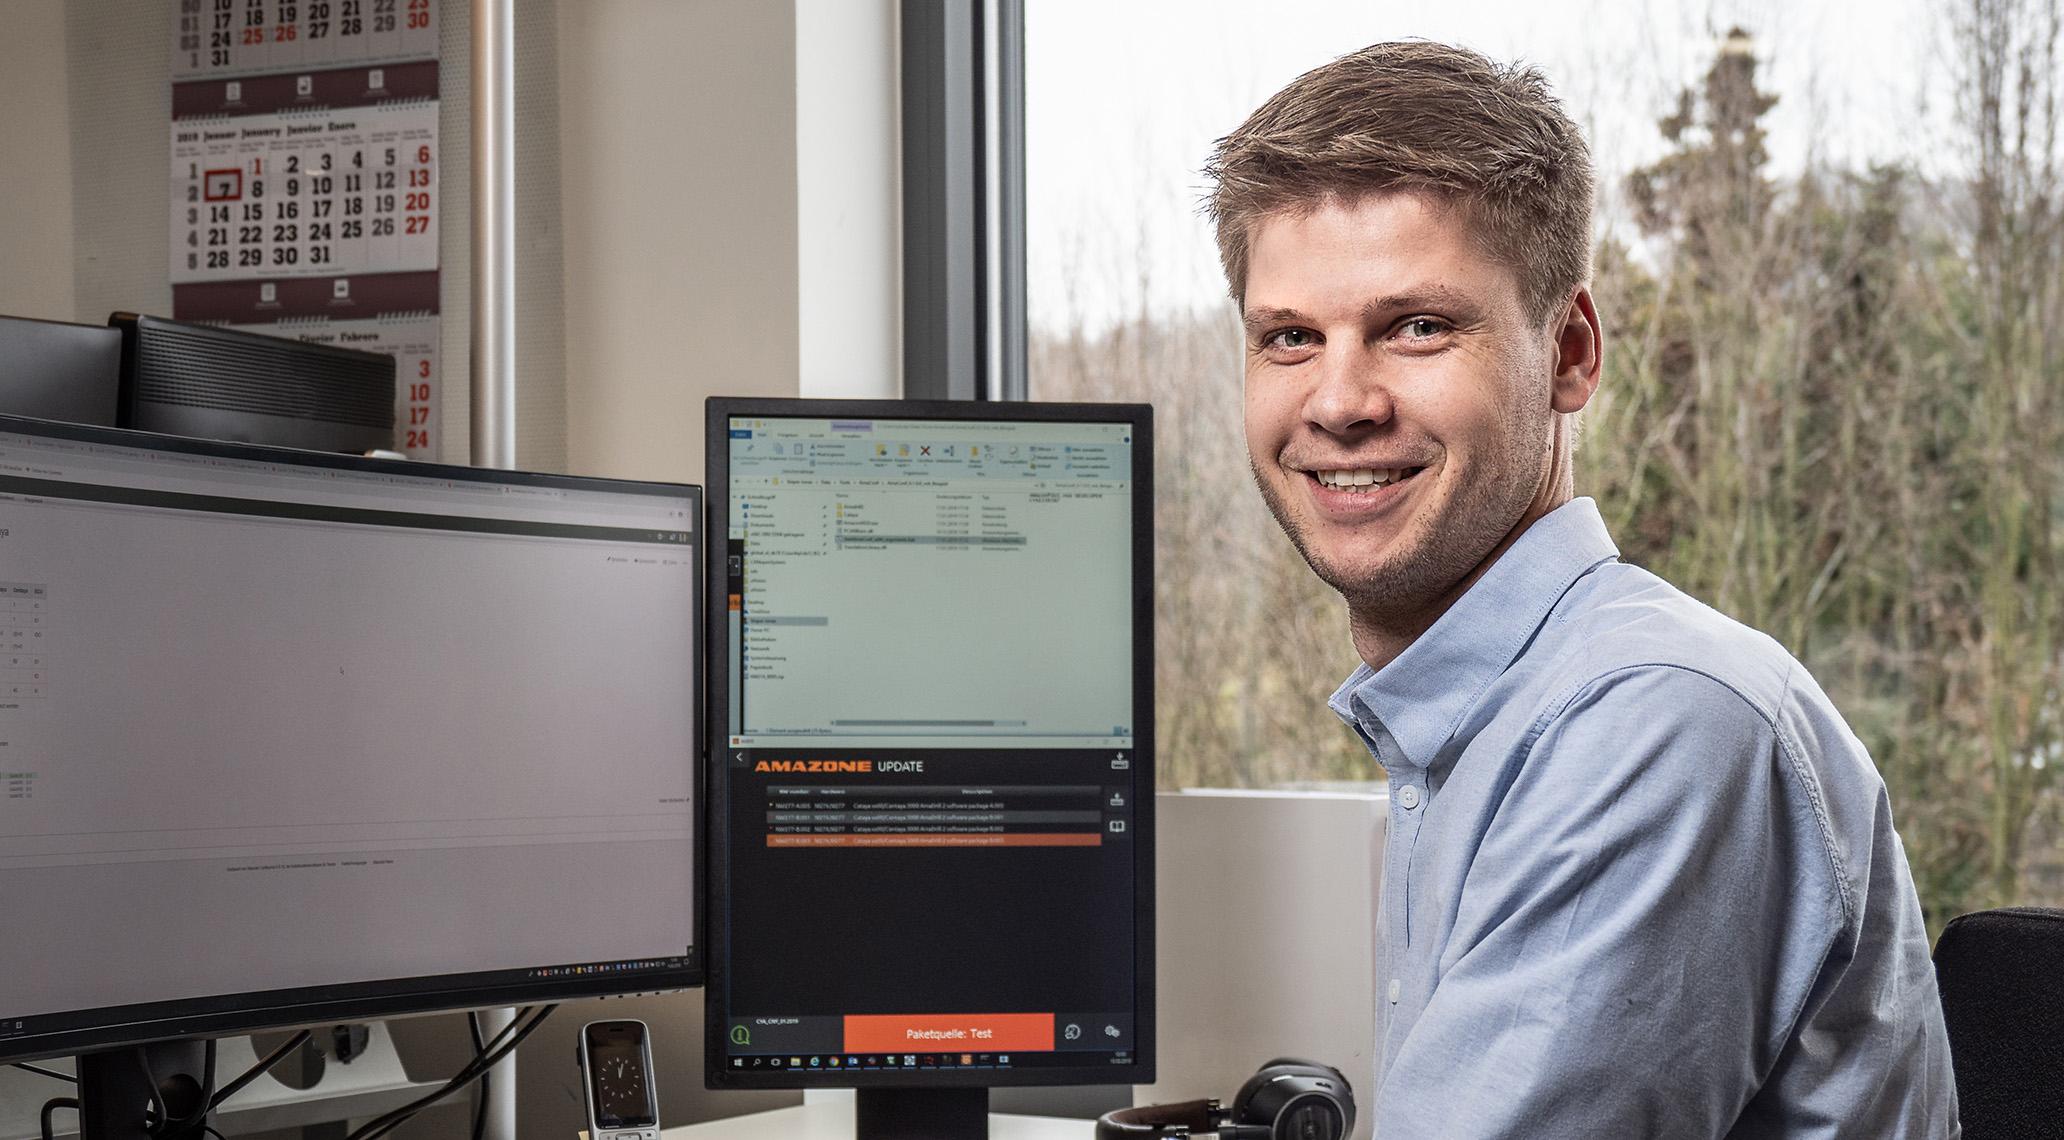 Softwareingenieur